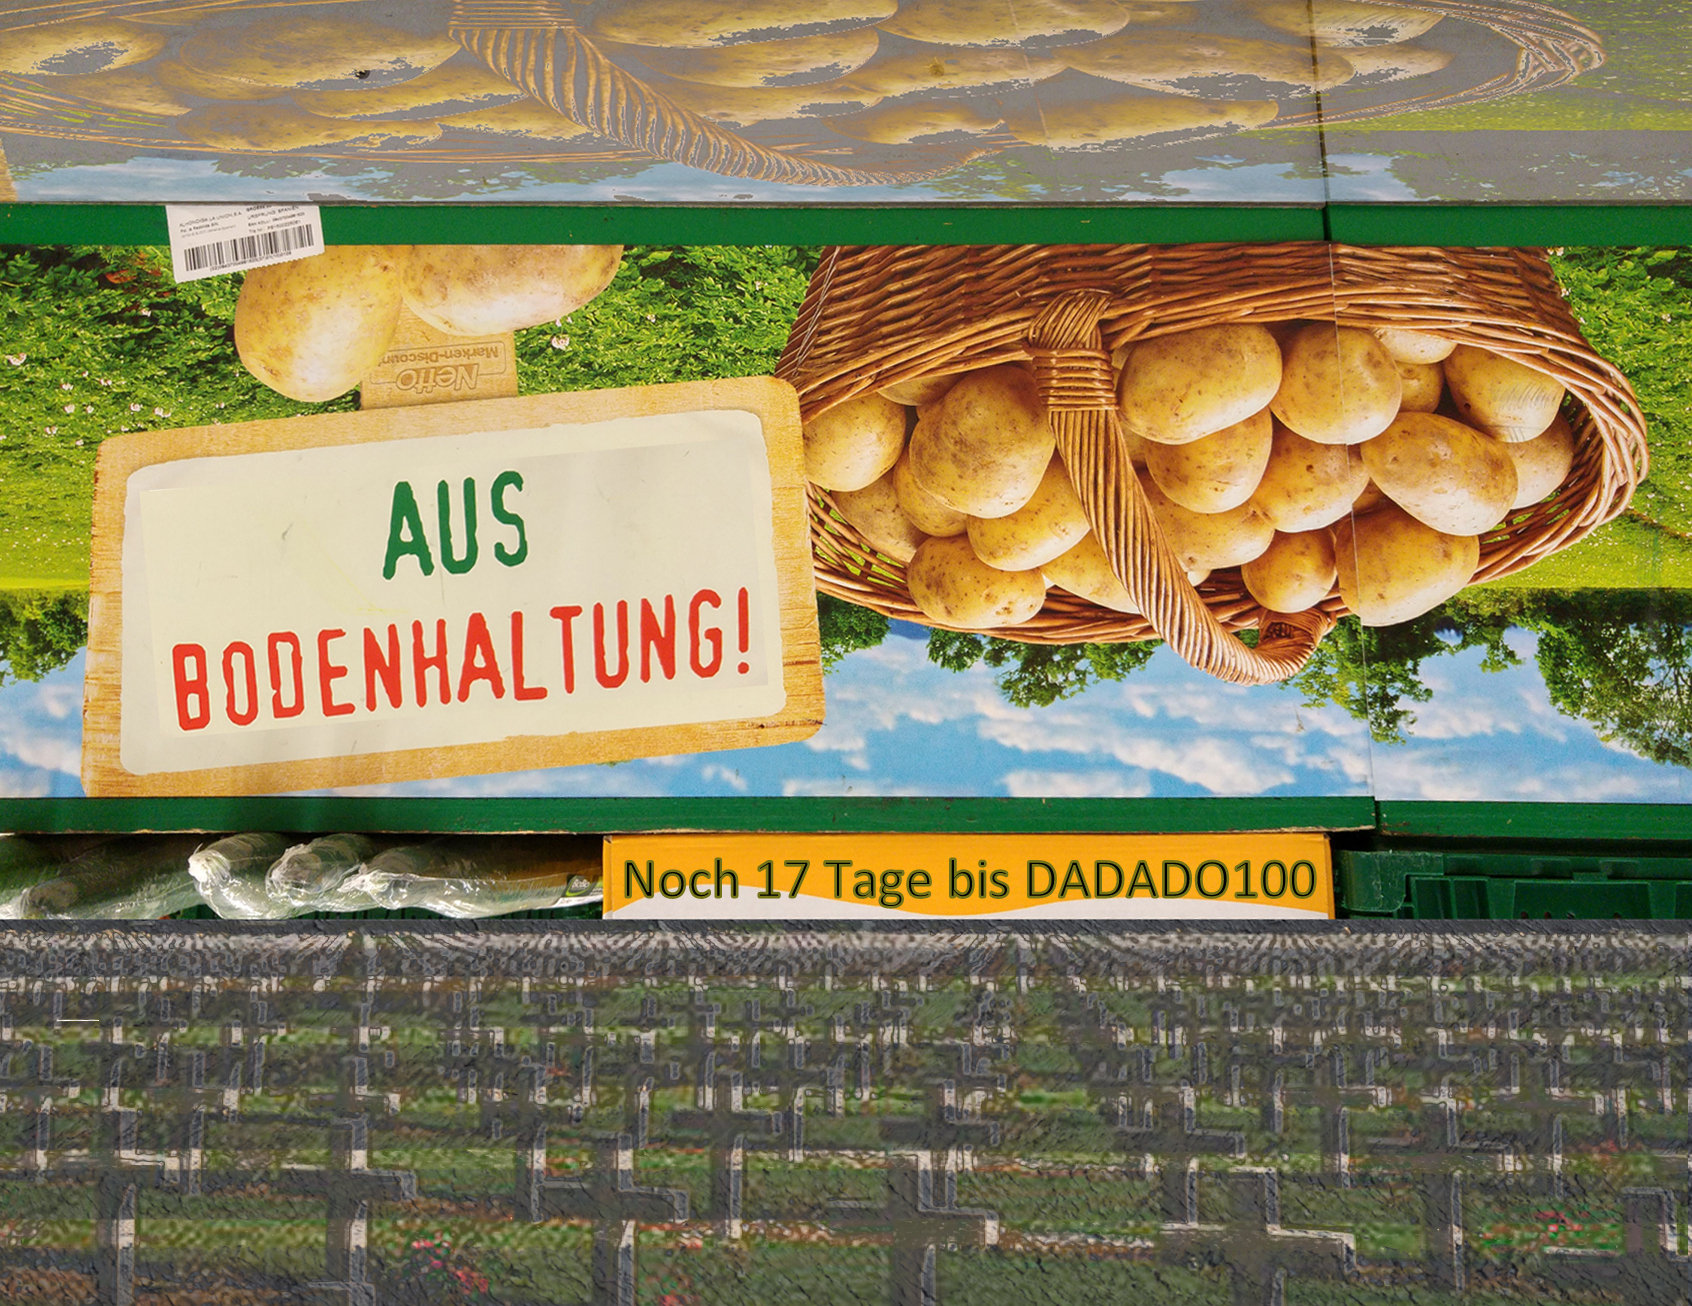 Kartoffeln gedreht aus Bodenhaltung 17Tage noch2a